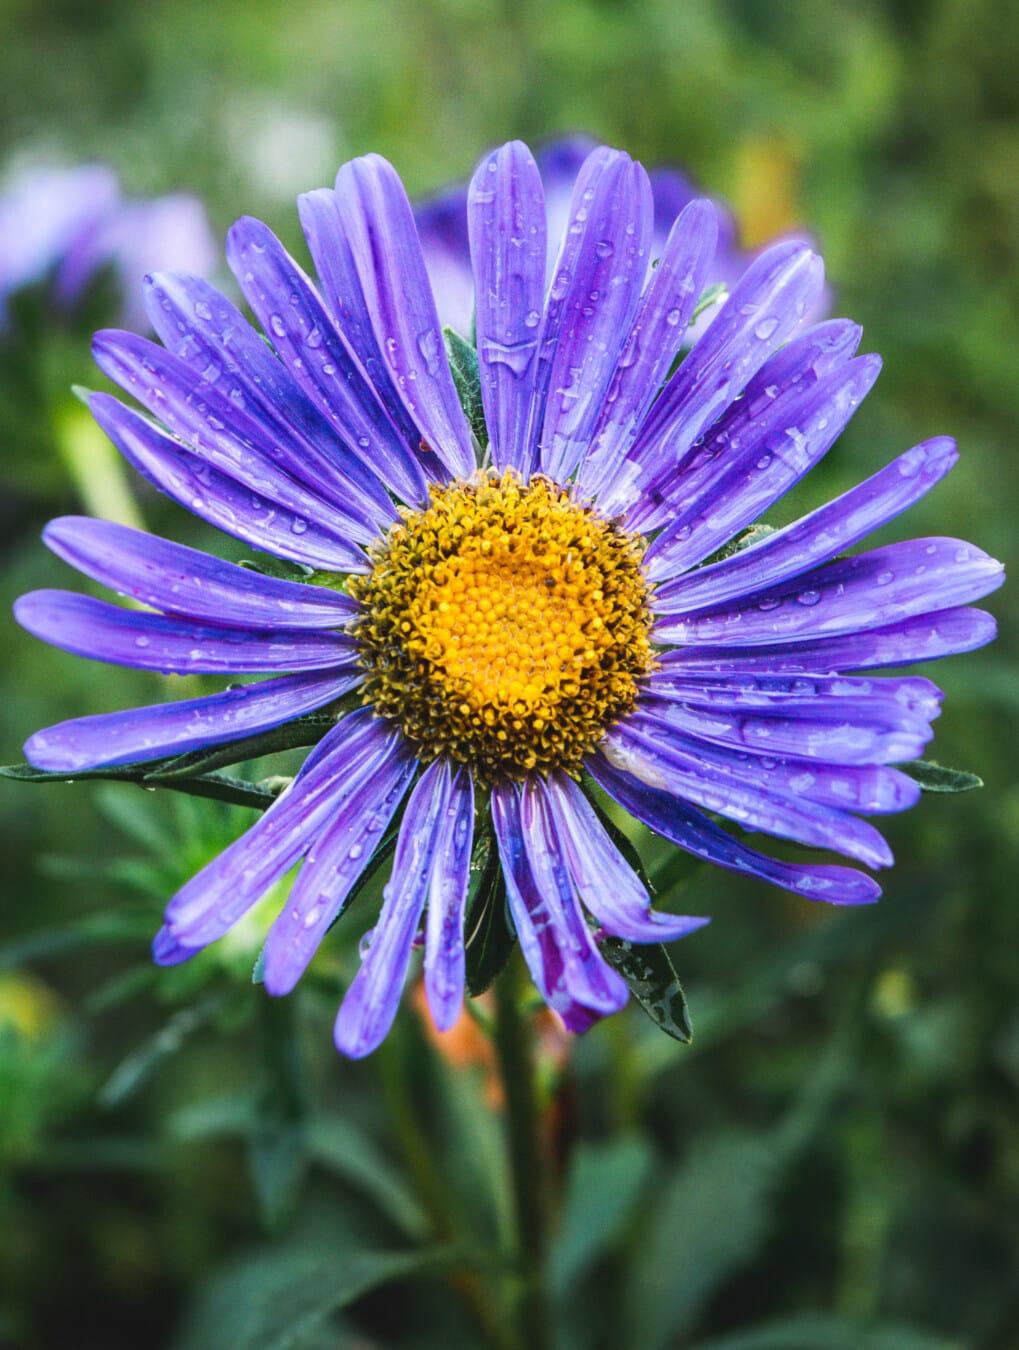 aus nächster Nähe, Wildblumen, Feuchtigkeit, Regentropfen, Tau, nass, Blumen, Blüte, Blume, Garten